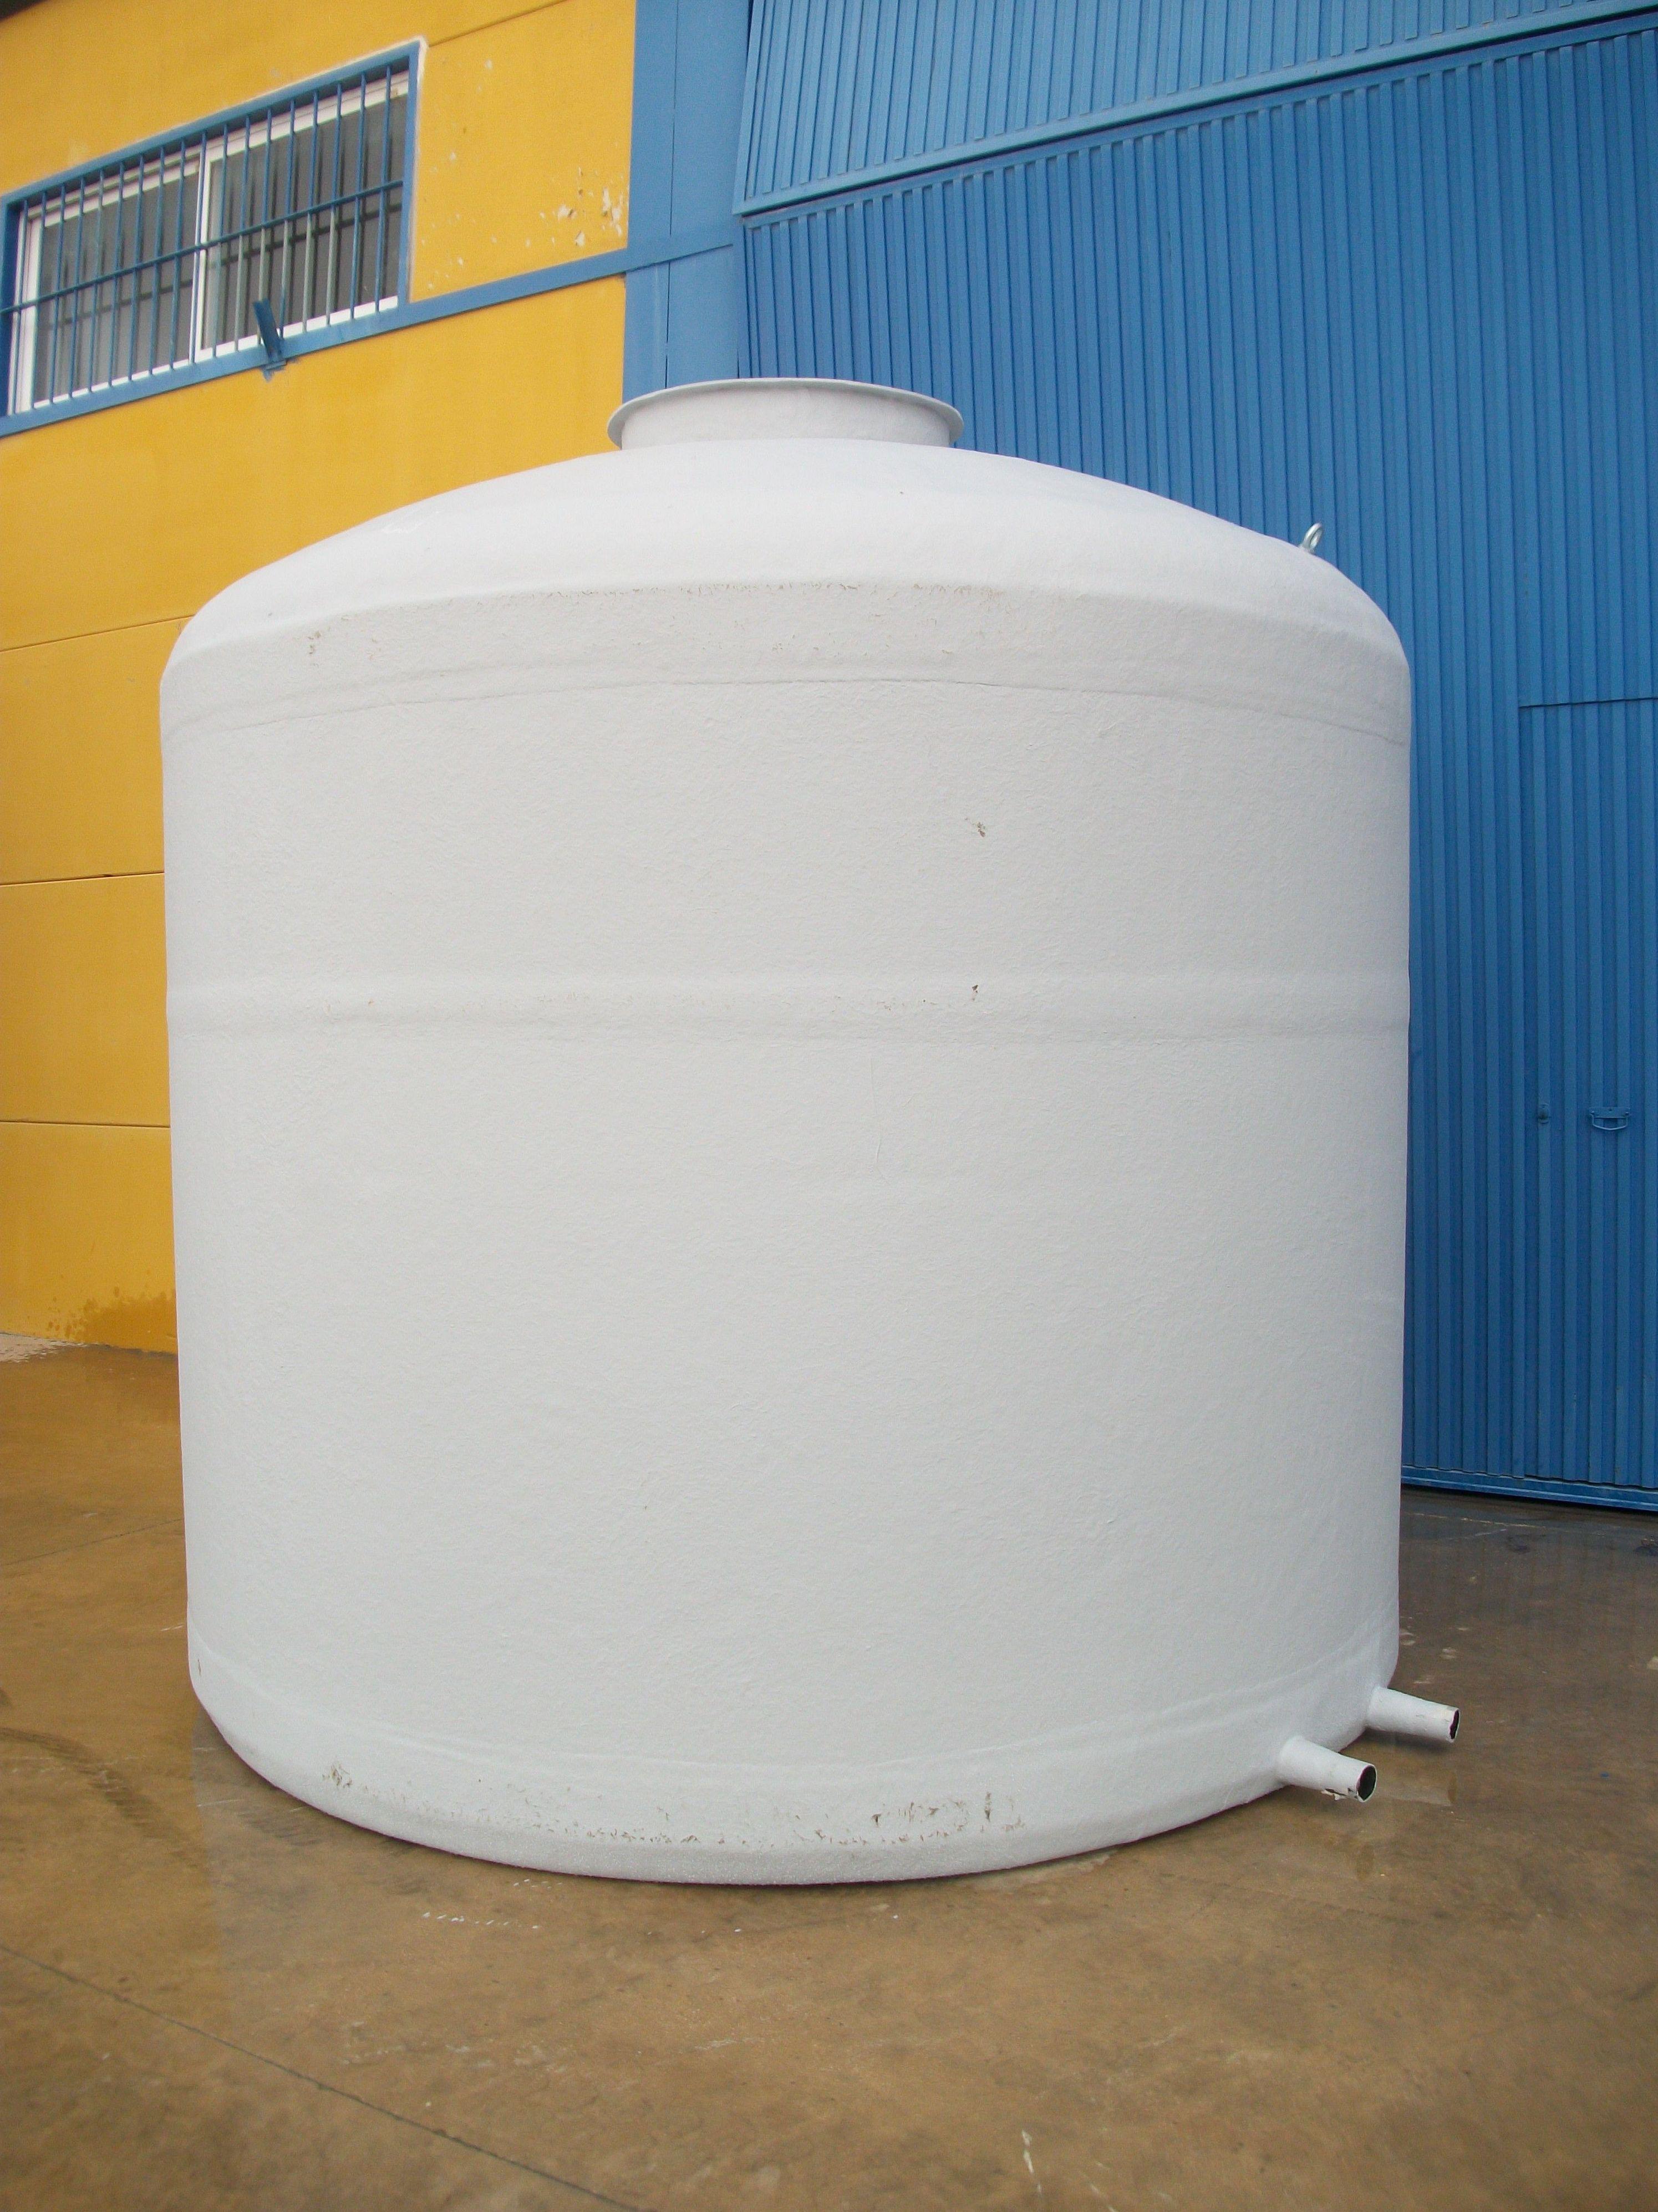 Depósito vertical fondo plano: Catálogo de productos de Poliéster La Zarzuela